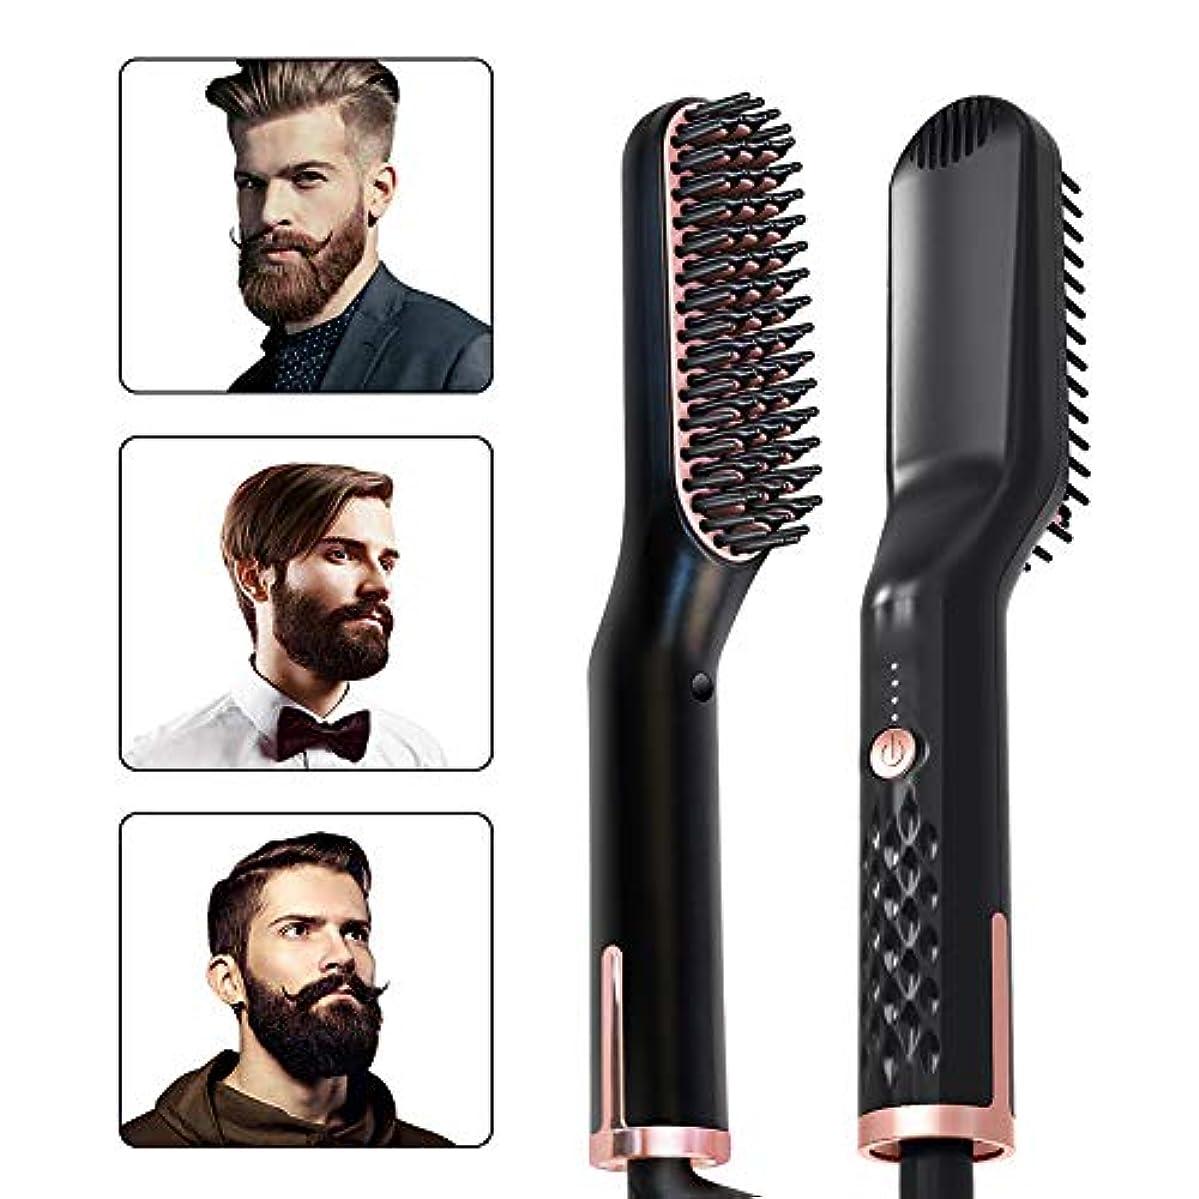 悲惨な矛盾する領収書男性のためのひげ矯正、多機能電気ホットひげ矯正櫛と男性と女性のためのブラシをスタイリングする髪矯正、家庭や旅行に最適